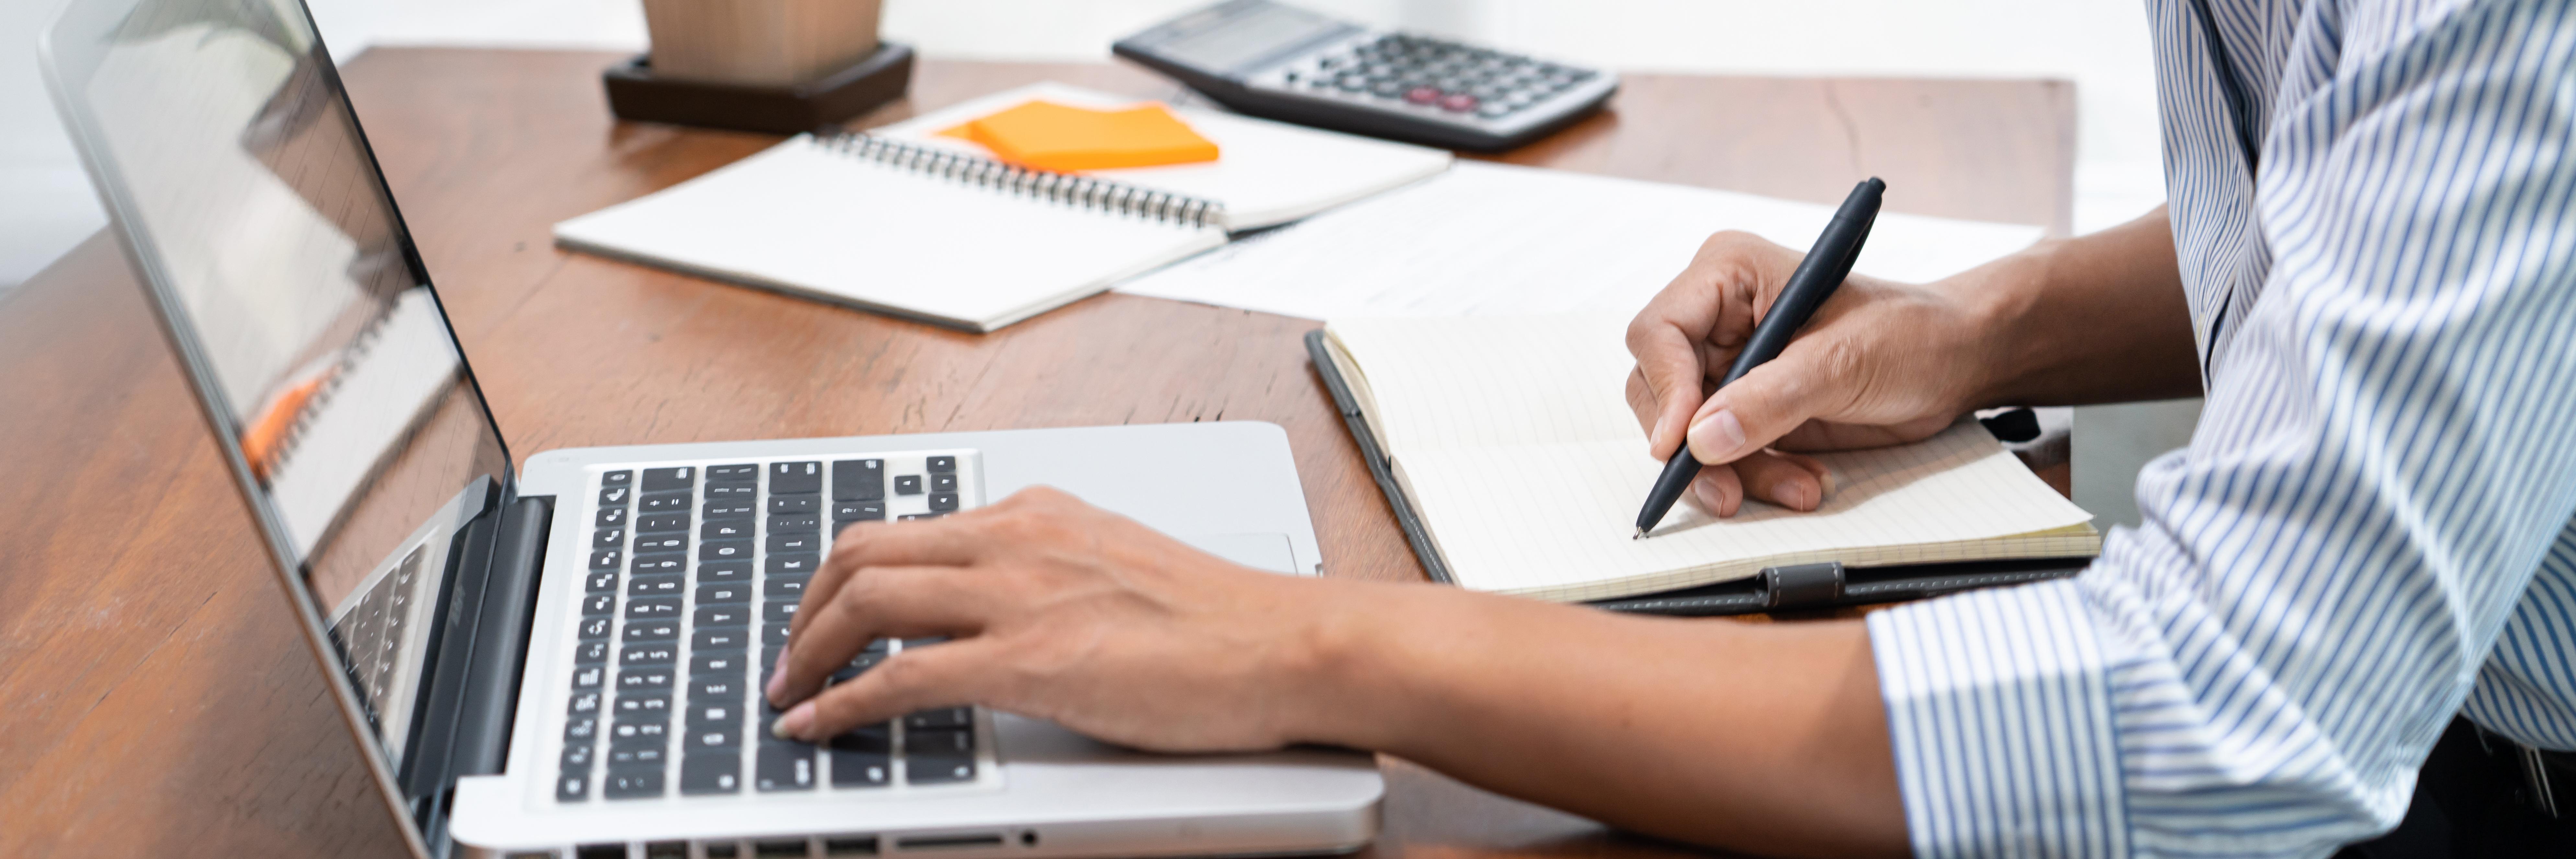 Domine diversos aspectos da nova Lei de Licitações com uma série de cursos chancelados pela FÓRUM